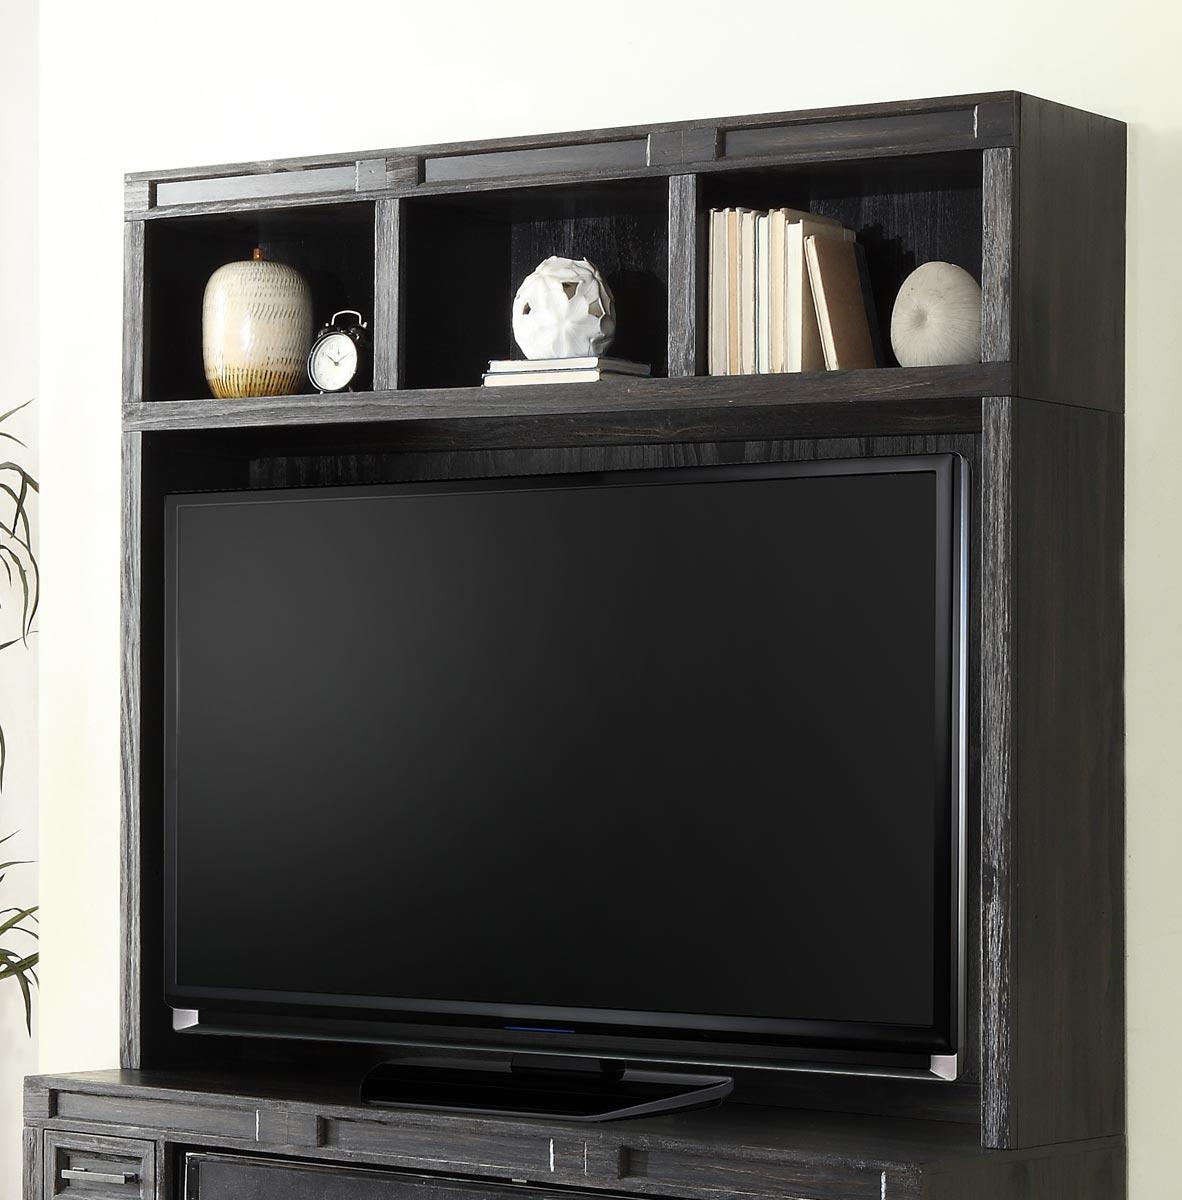 credenza viyet furniture storage tambour bookcase front with hutch designer sto century teak modern mid danish